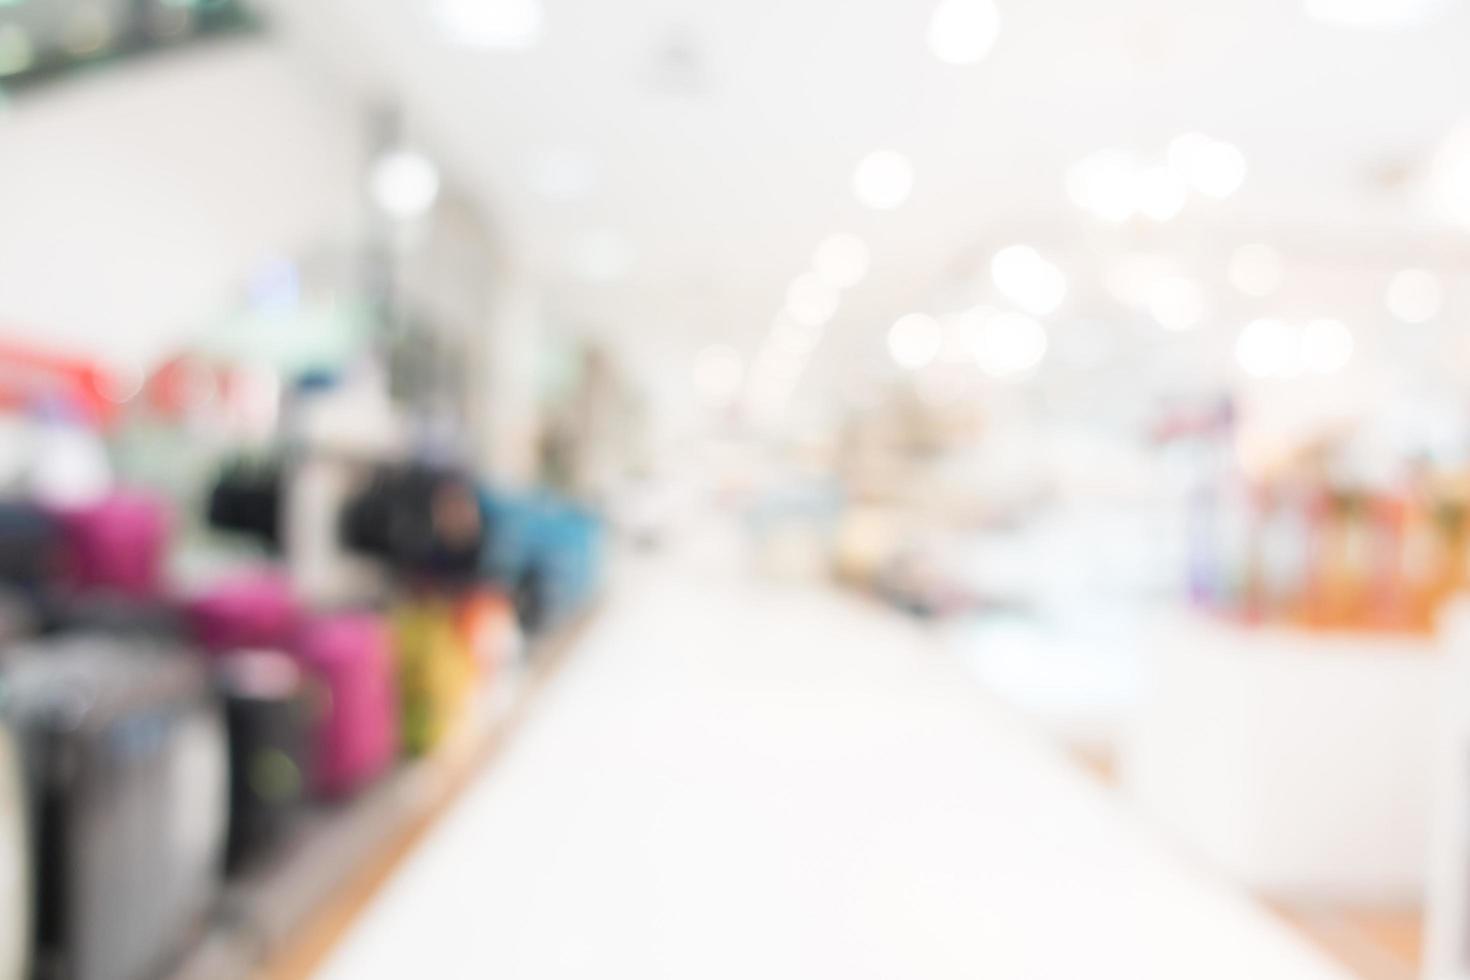 centro comercial de desenfoque abstracto para el fondo foto